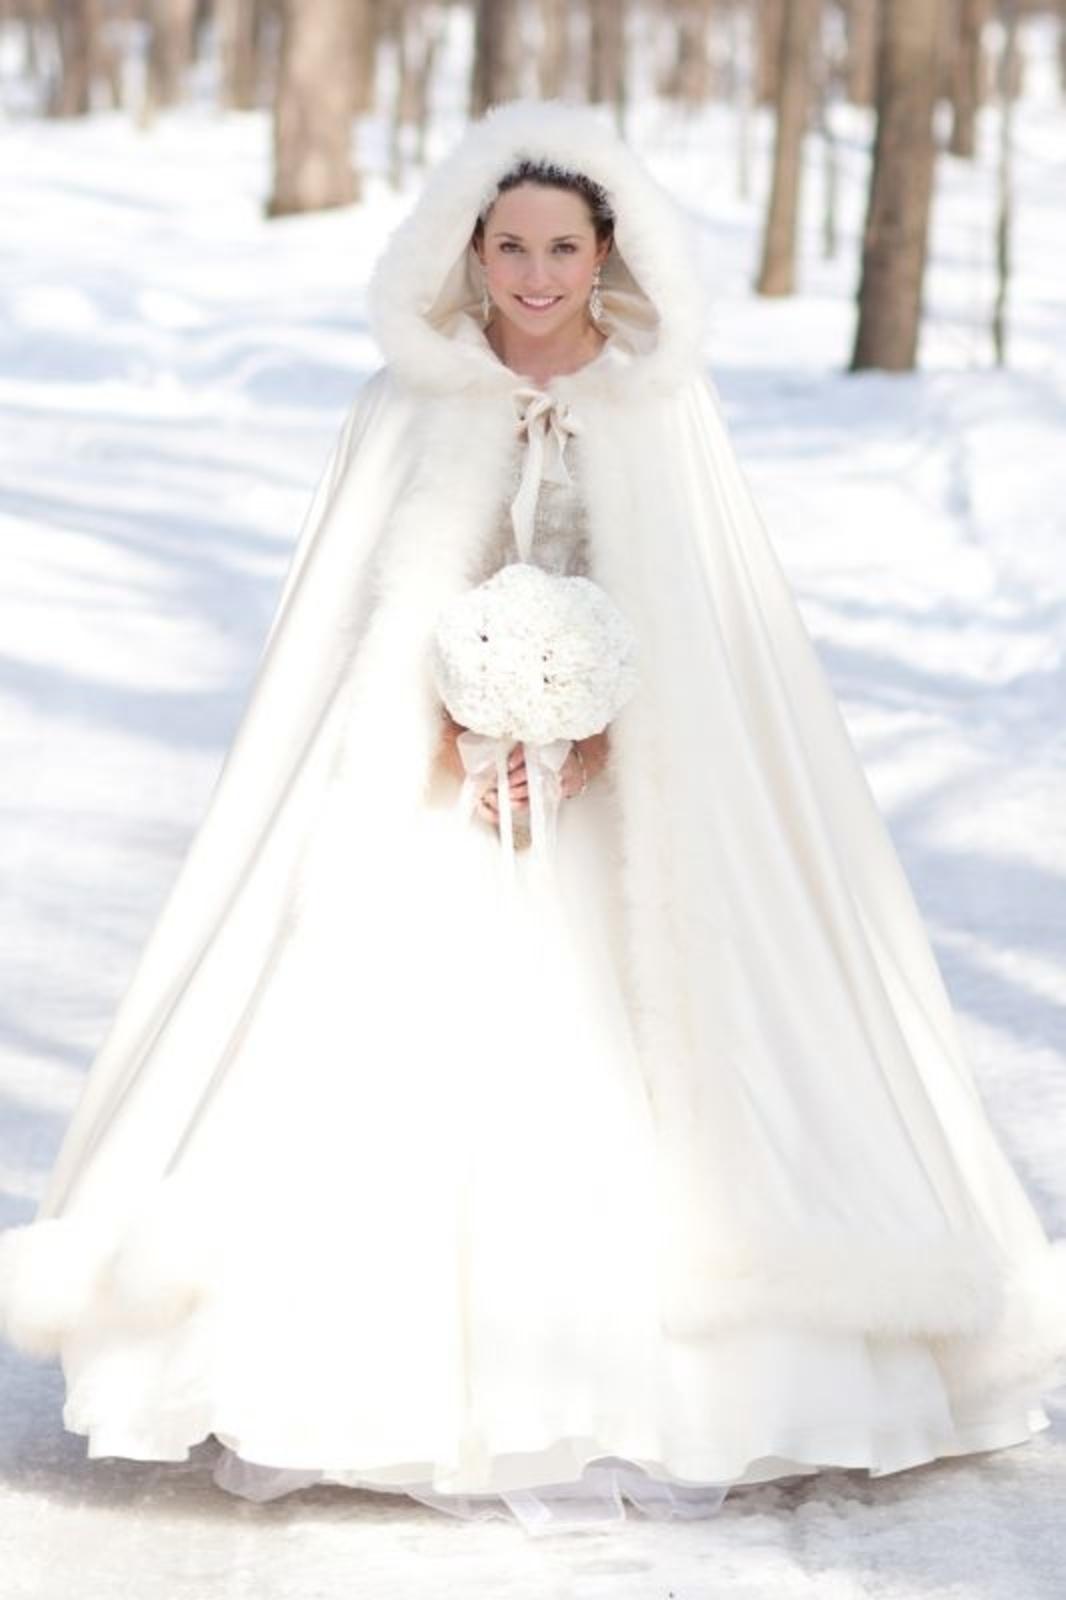 cappotto mantella pelliccia sposa invernale